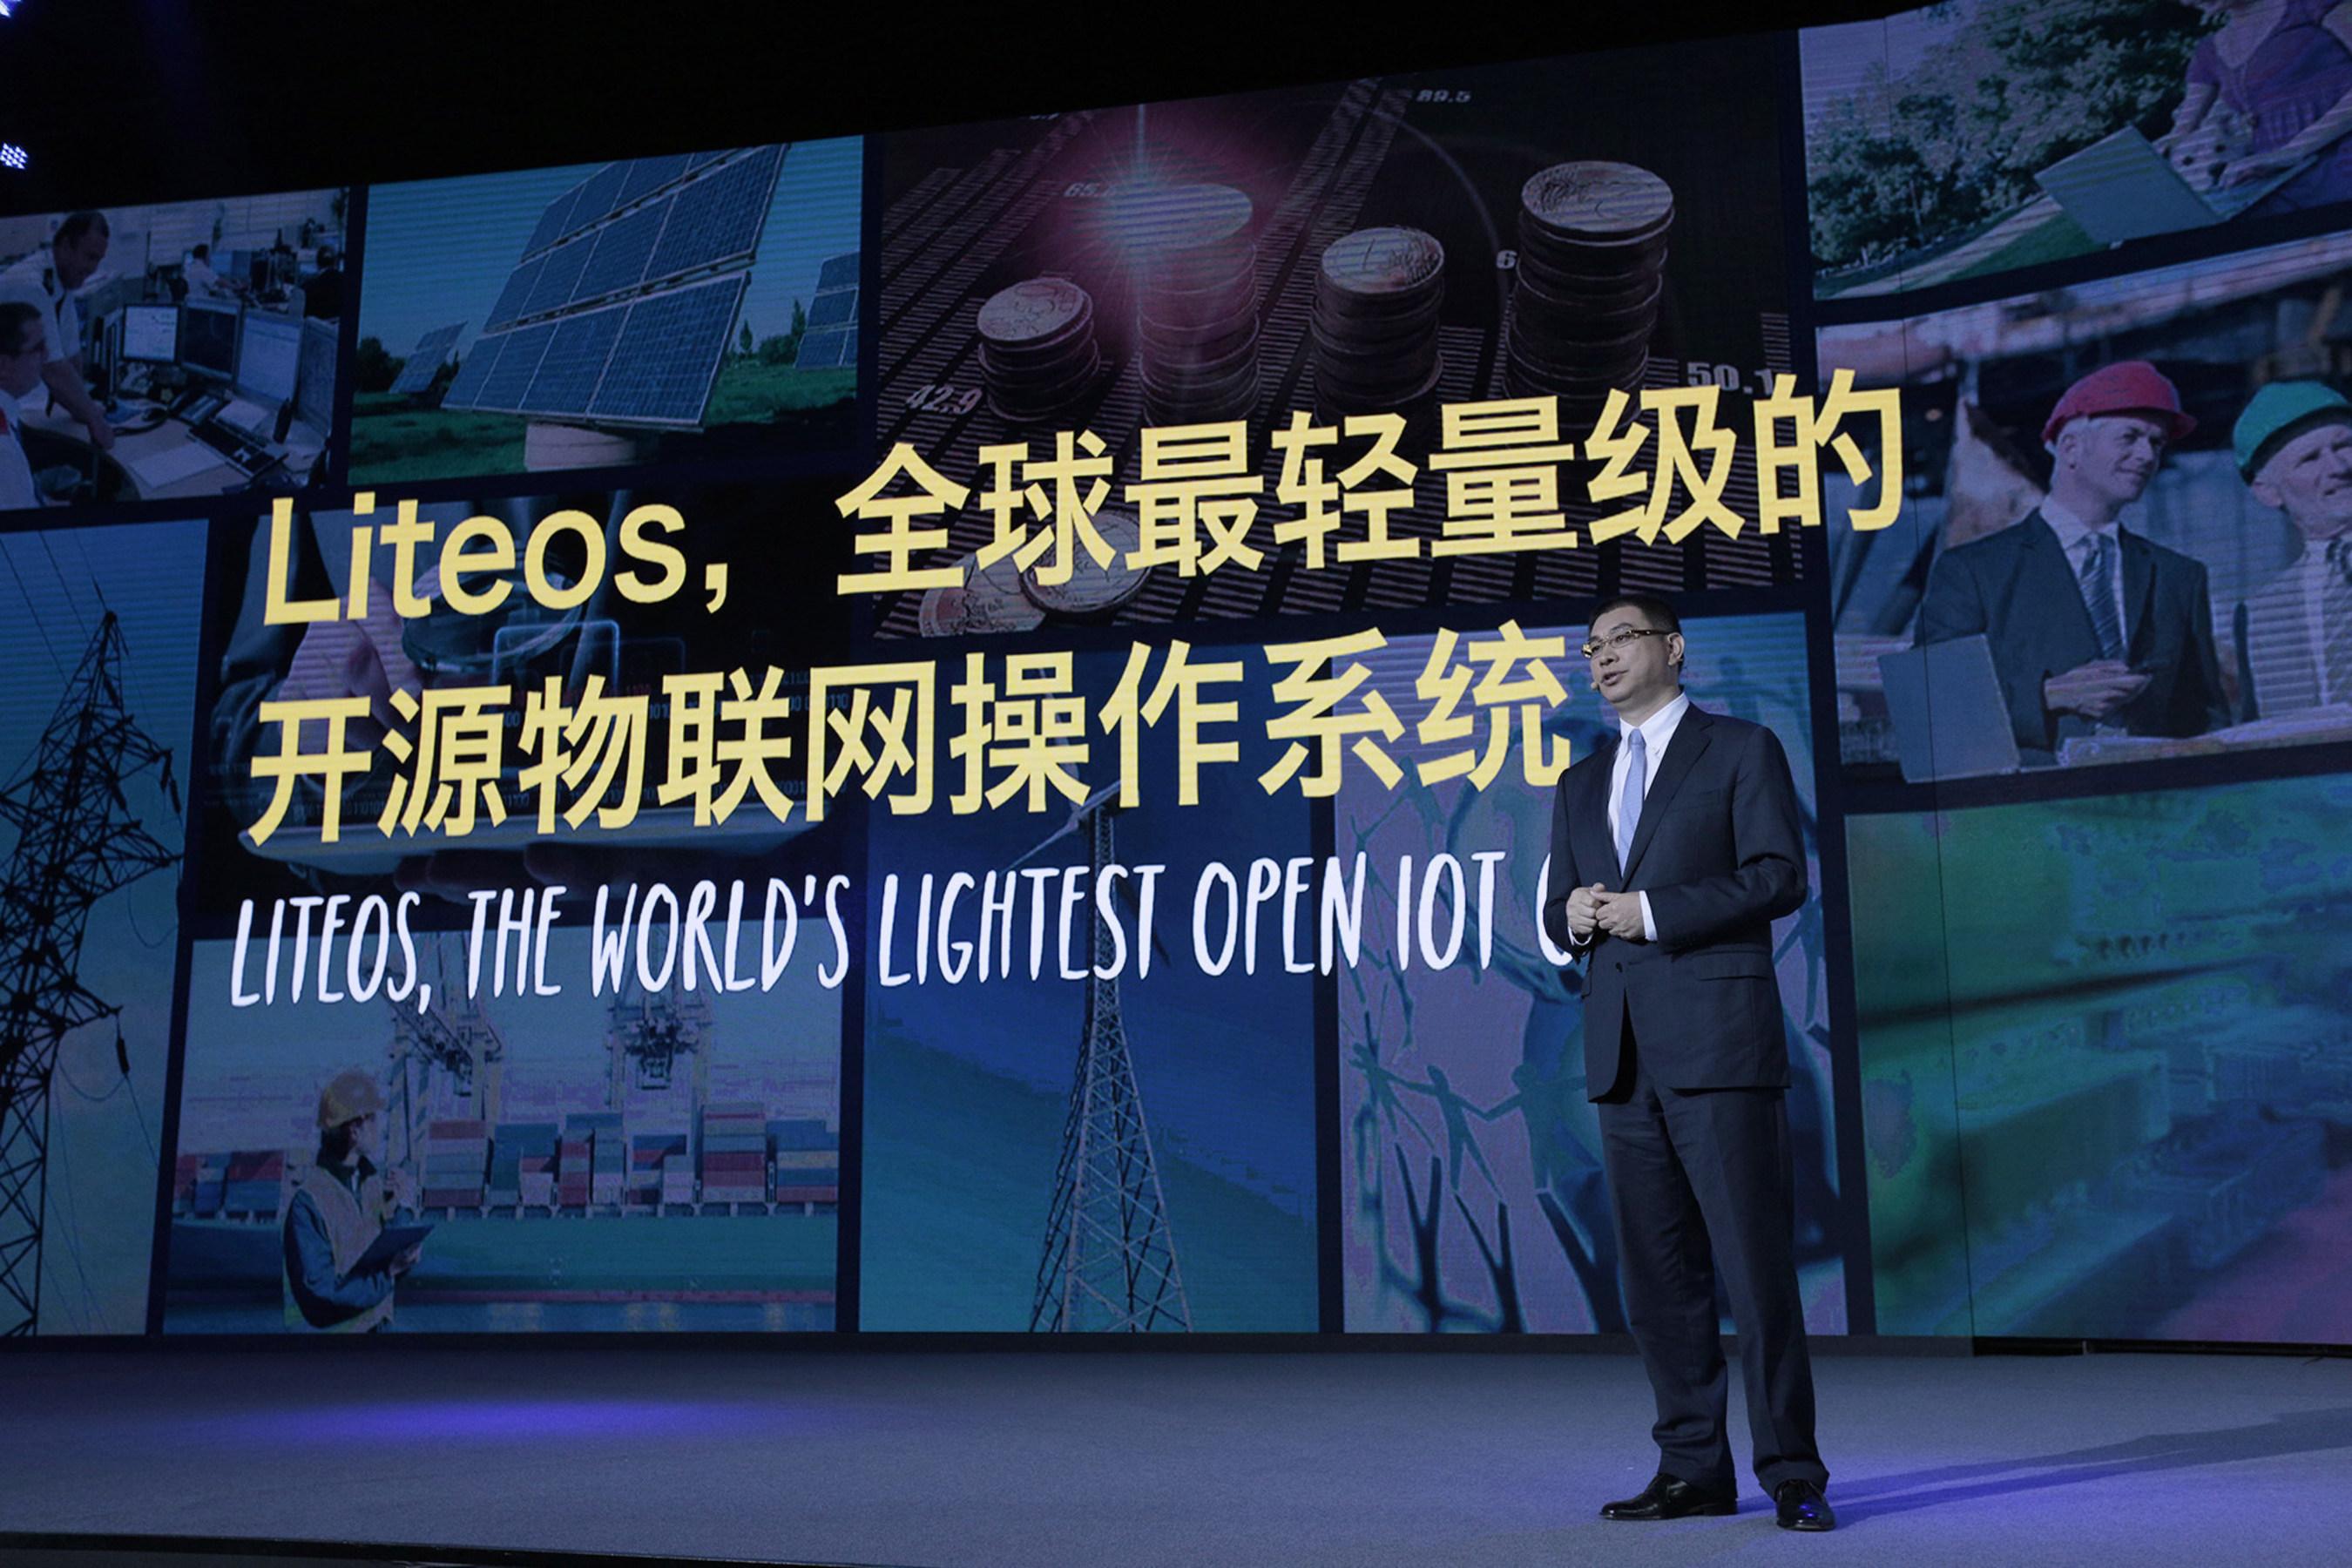 Markteinführung der Agile Network 3.0-Architektur von Huawei auf dem Huawei Network Congress 2015